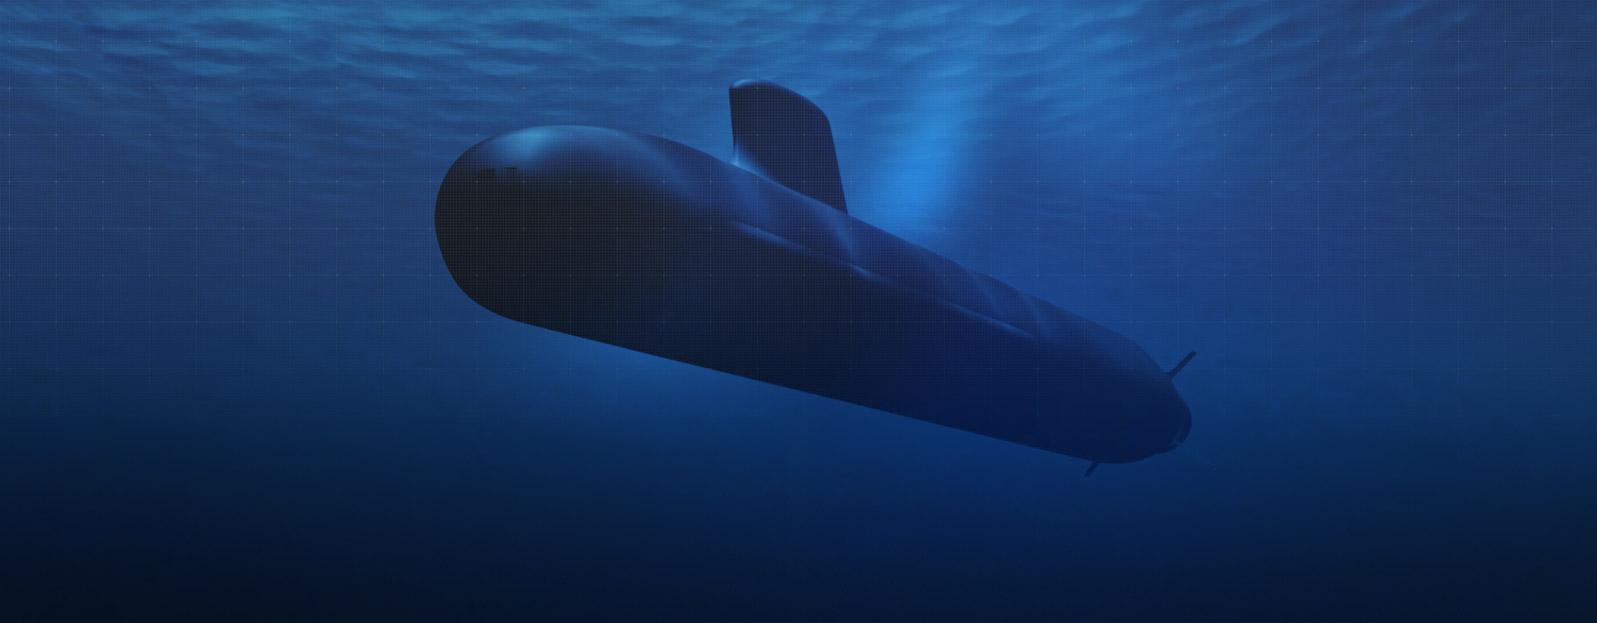 Франция победила в австралийском тендере на подводные лодки